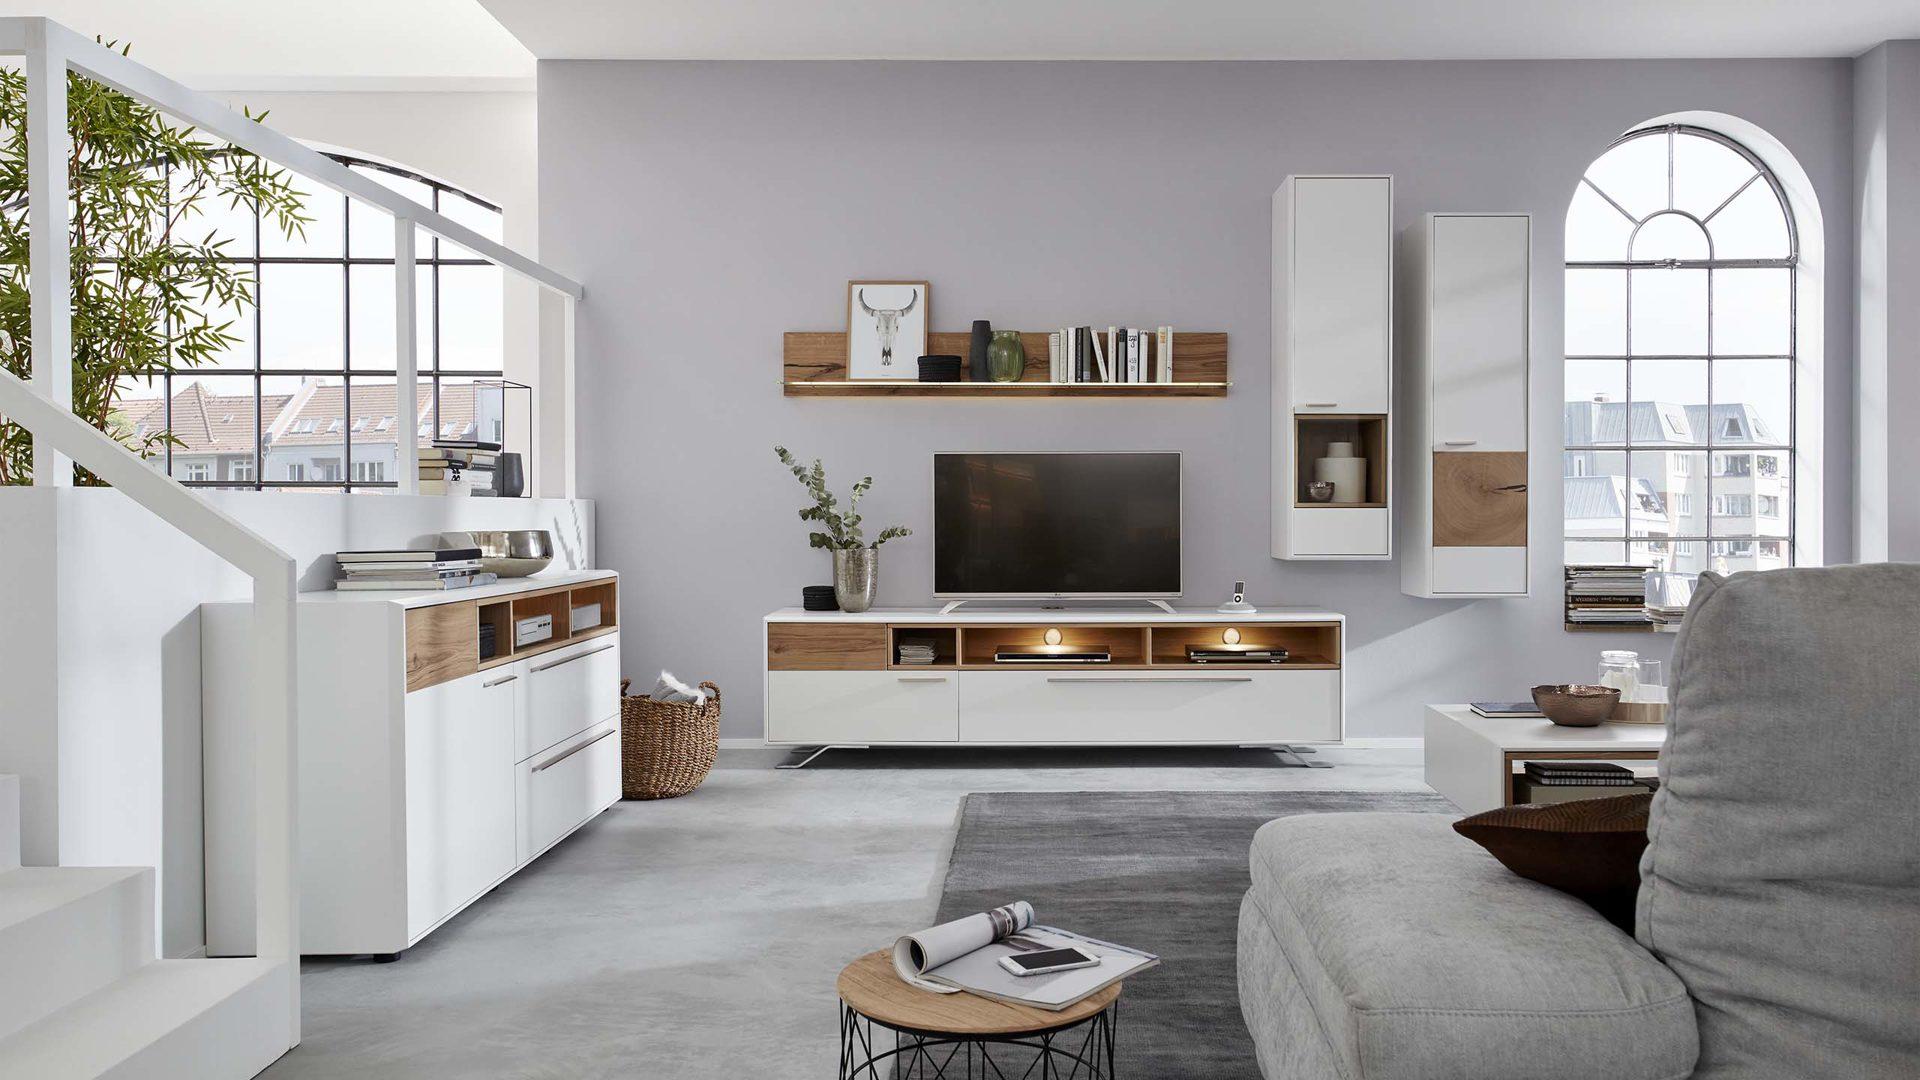 wohnwand die hausmarke il aus holz in holzfarben interliving wohnzimmer serie 2102 wohnkombination helles